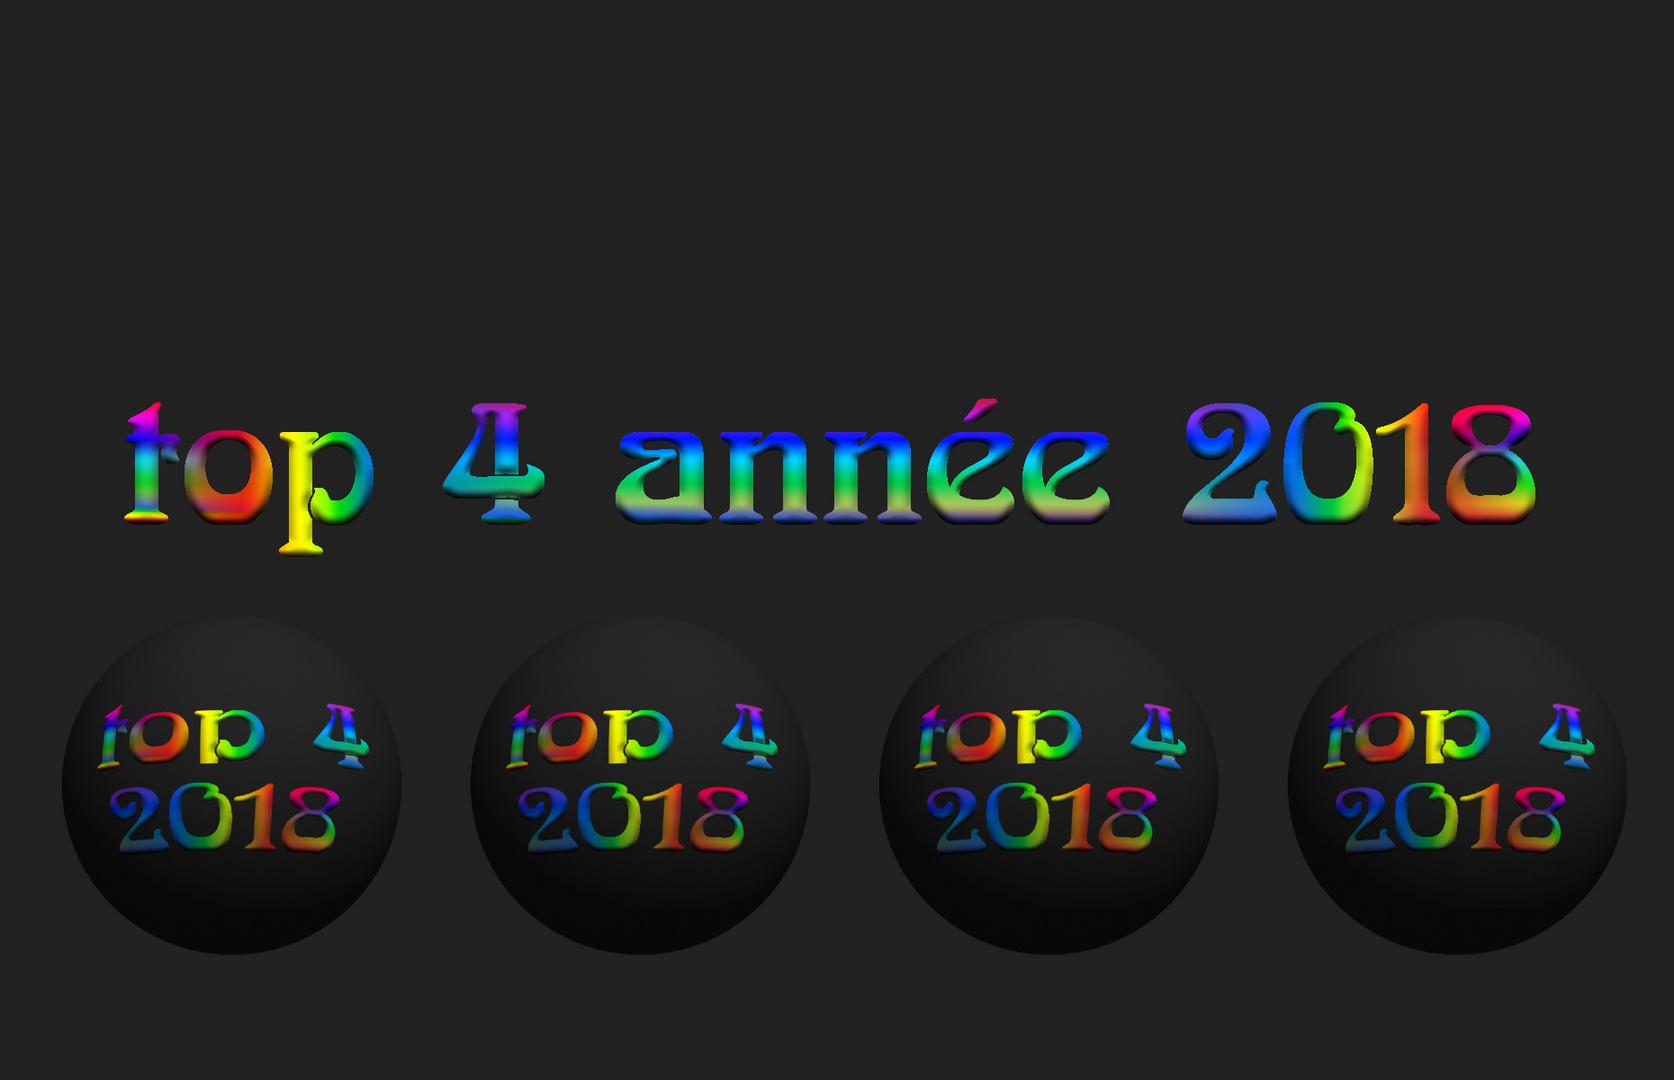 top-4-annee-2018